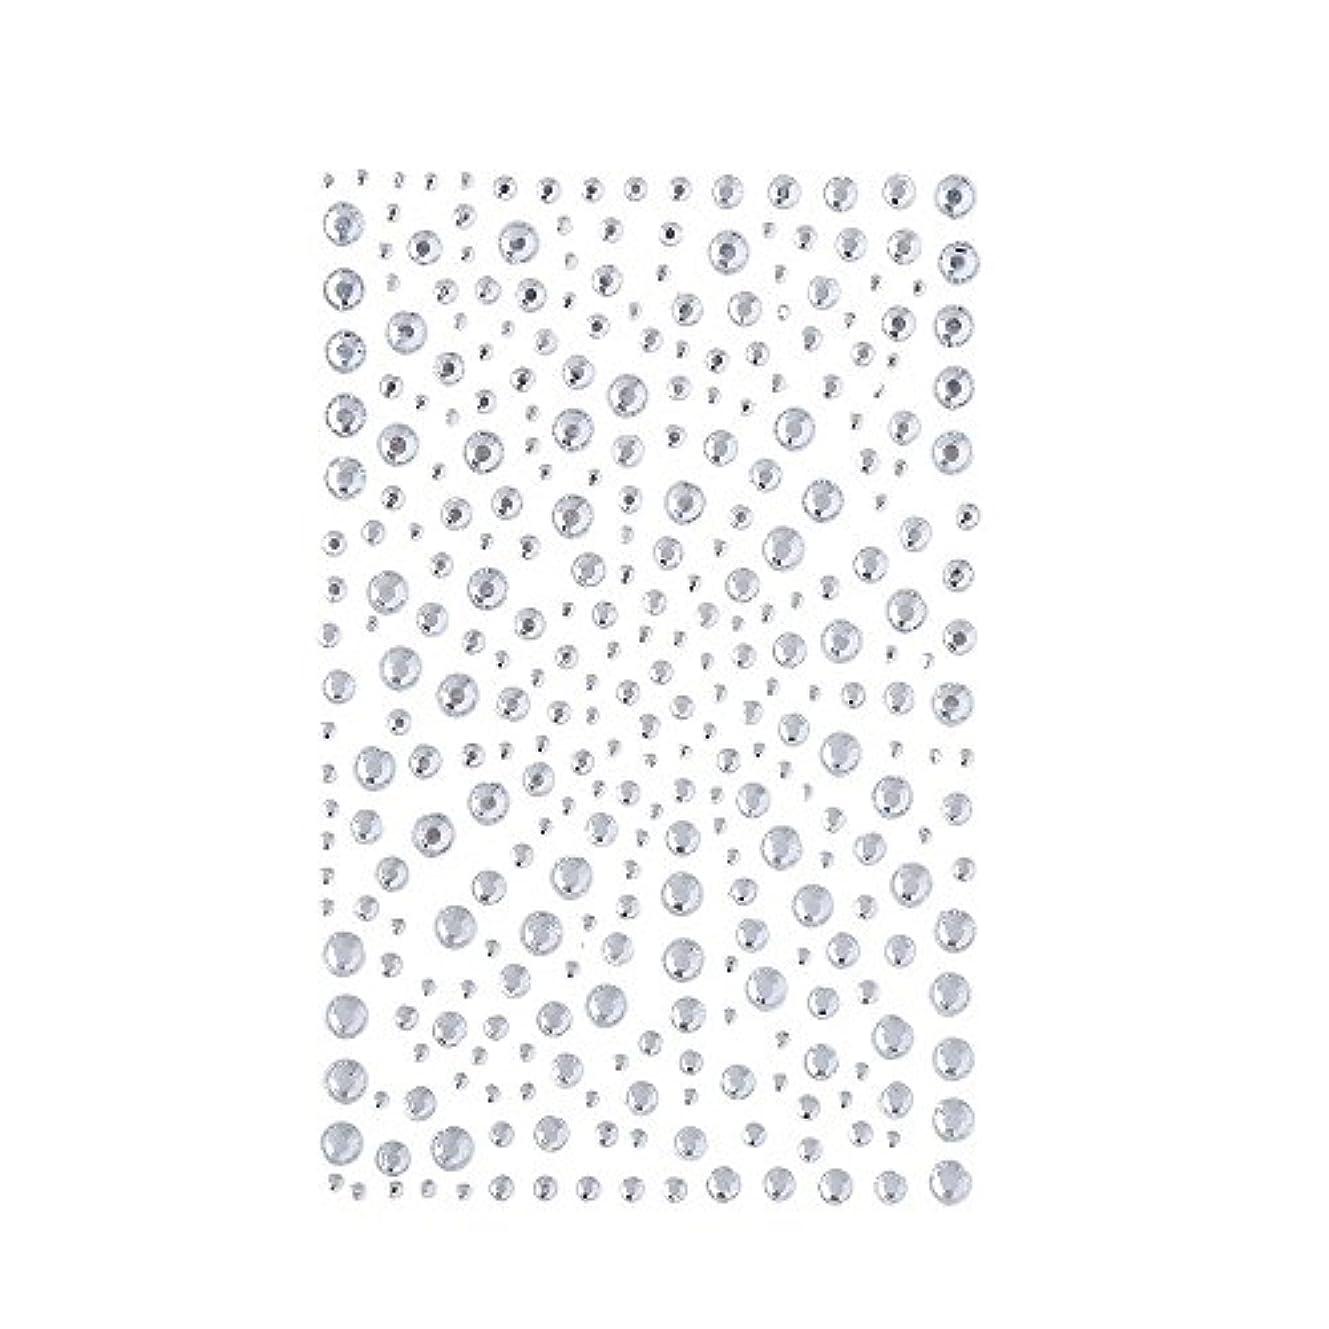 整理する壮大寓話ラインストーン 人工ダイヤモンド スワロフスキー ホットフィックス 325粒 (白)